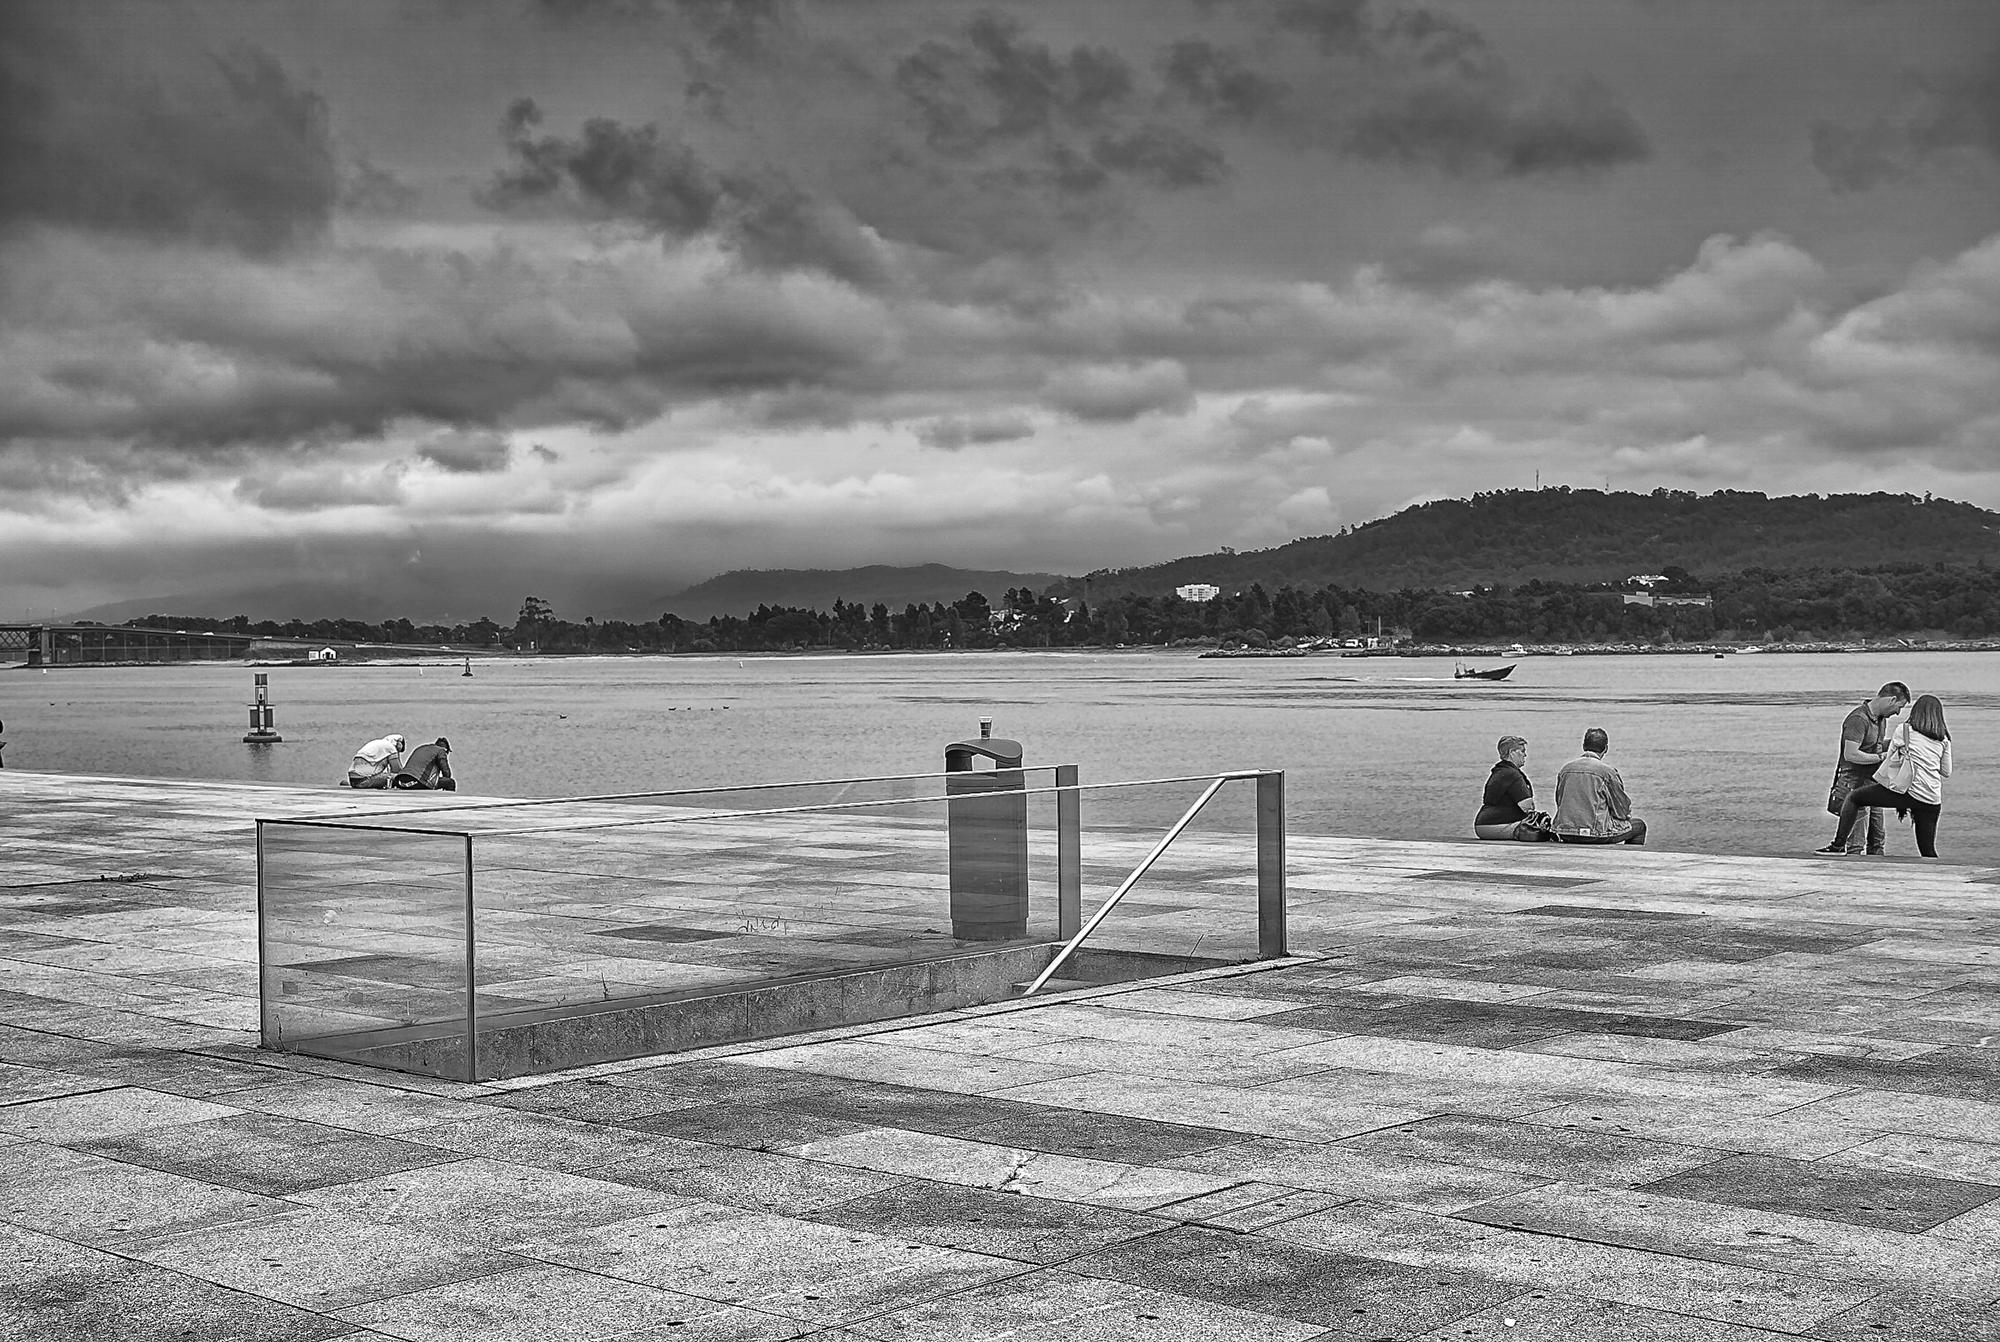 © Rodrigo Cabral Viana do Castelo 2015